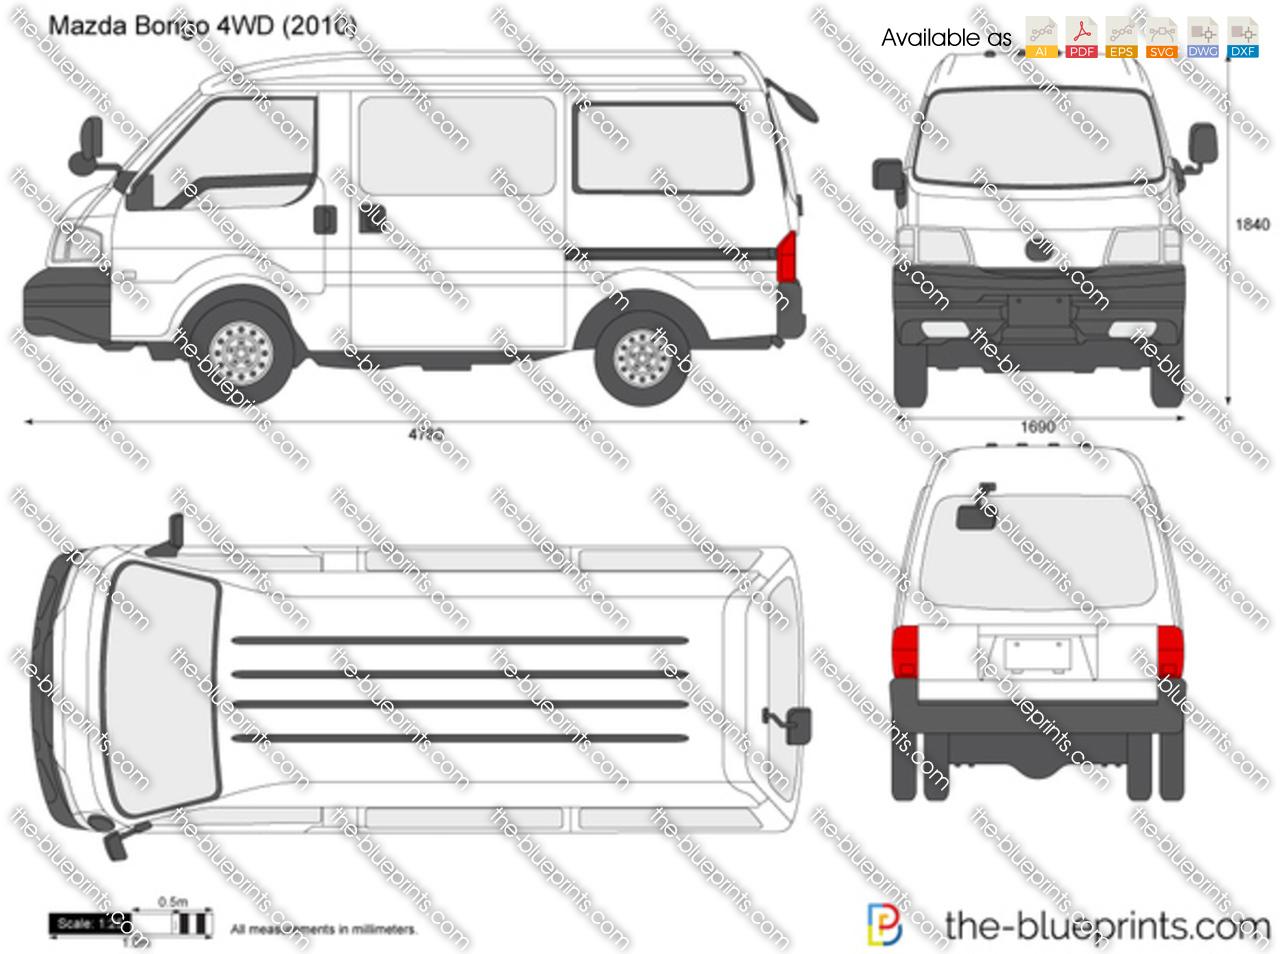 Mazda Bongo 4WD 2006